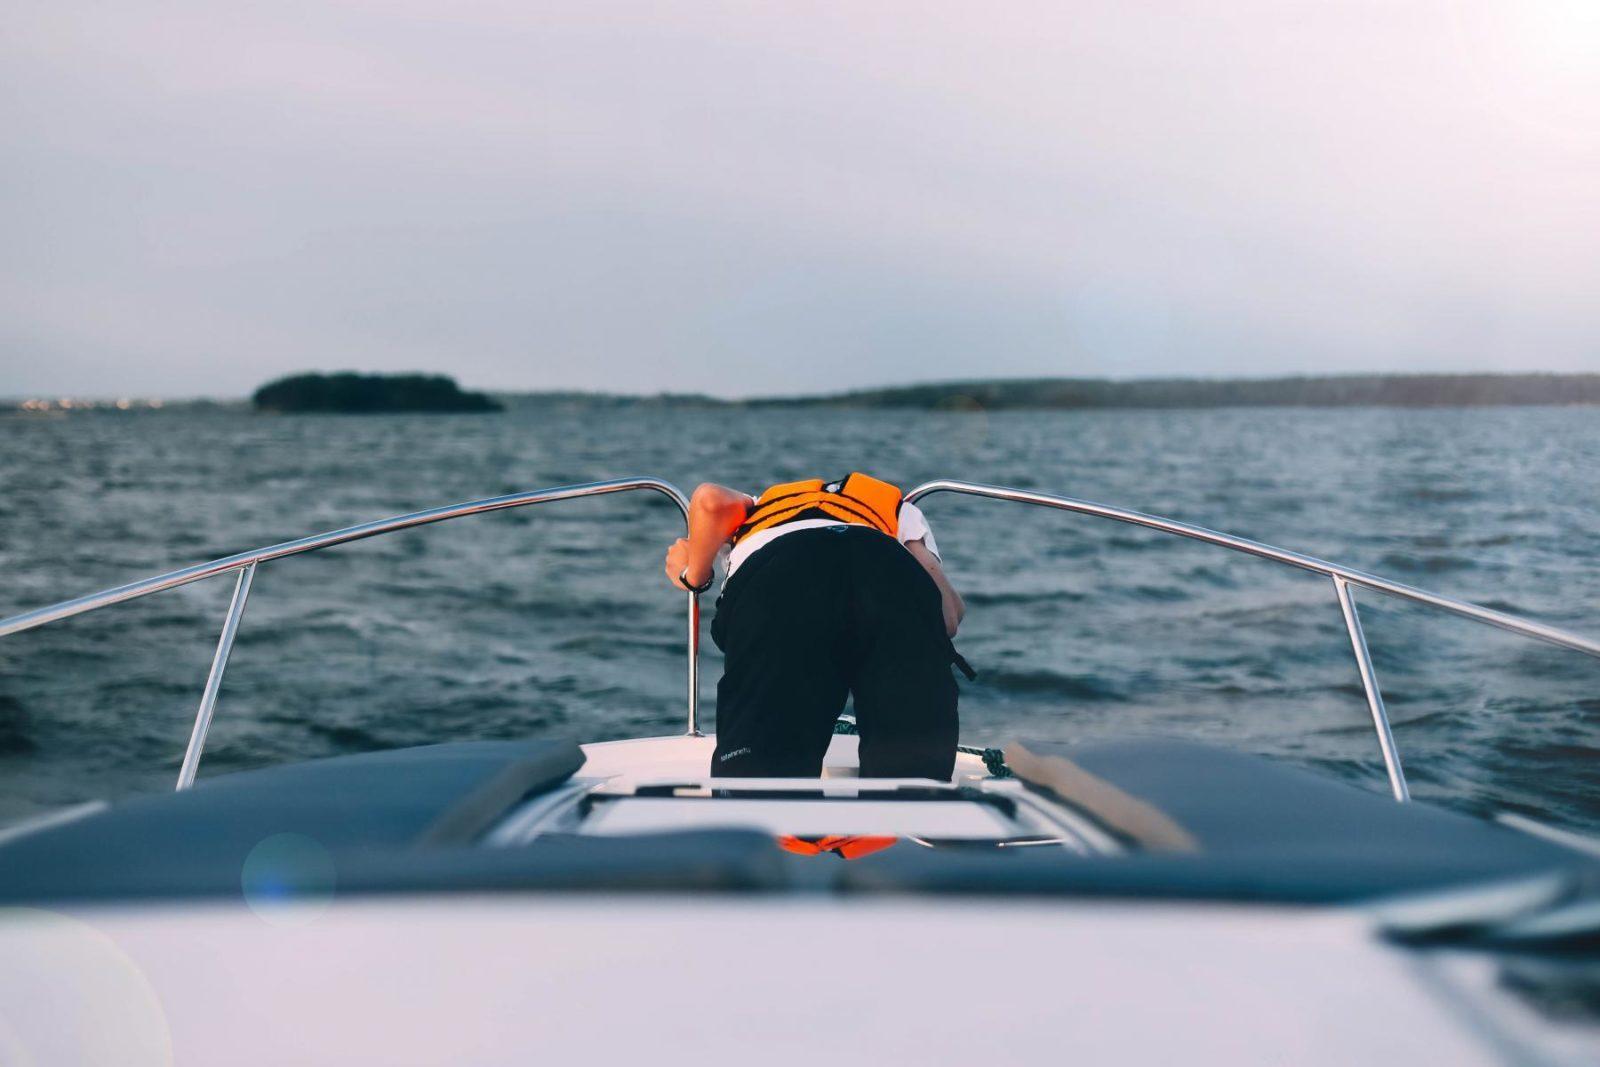 Søsyge, Transportsyge